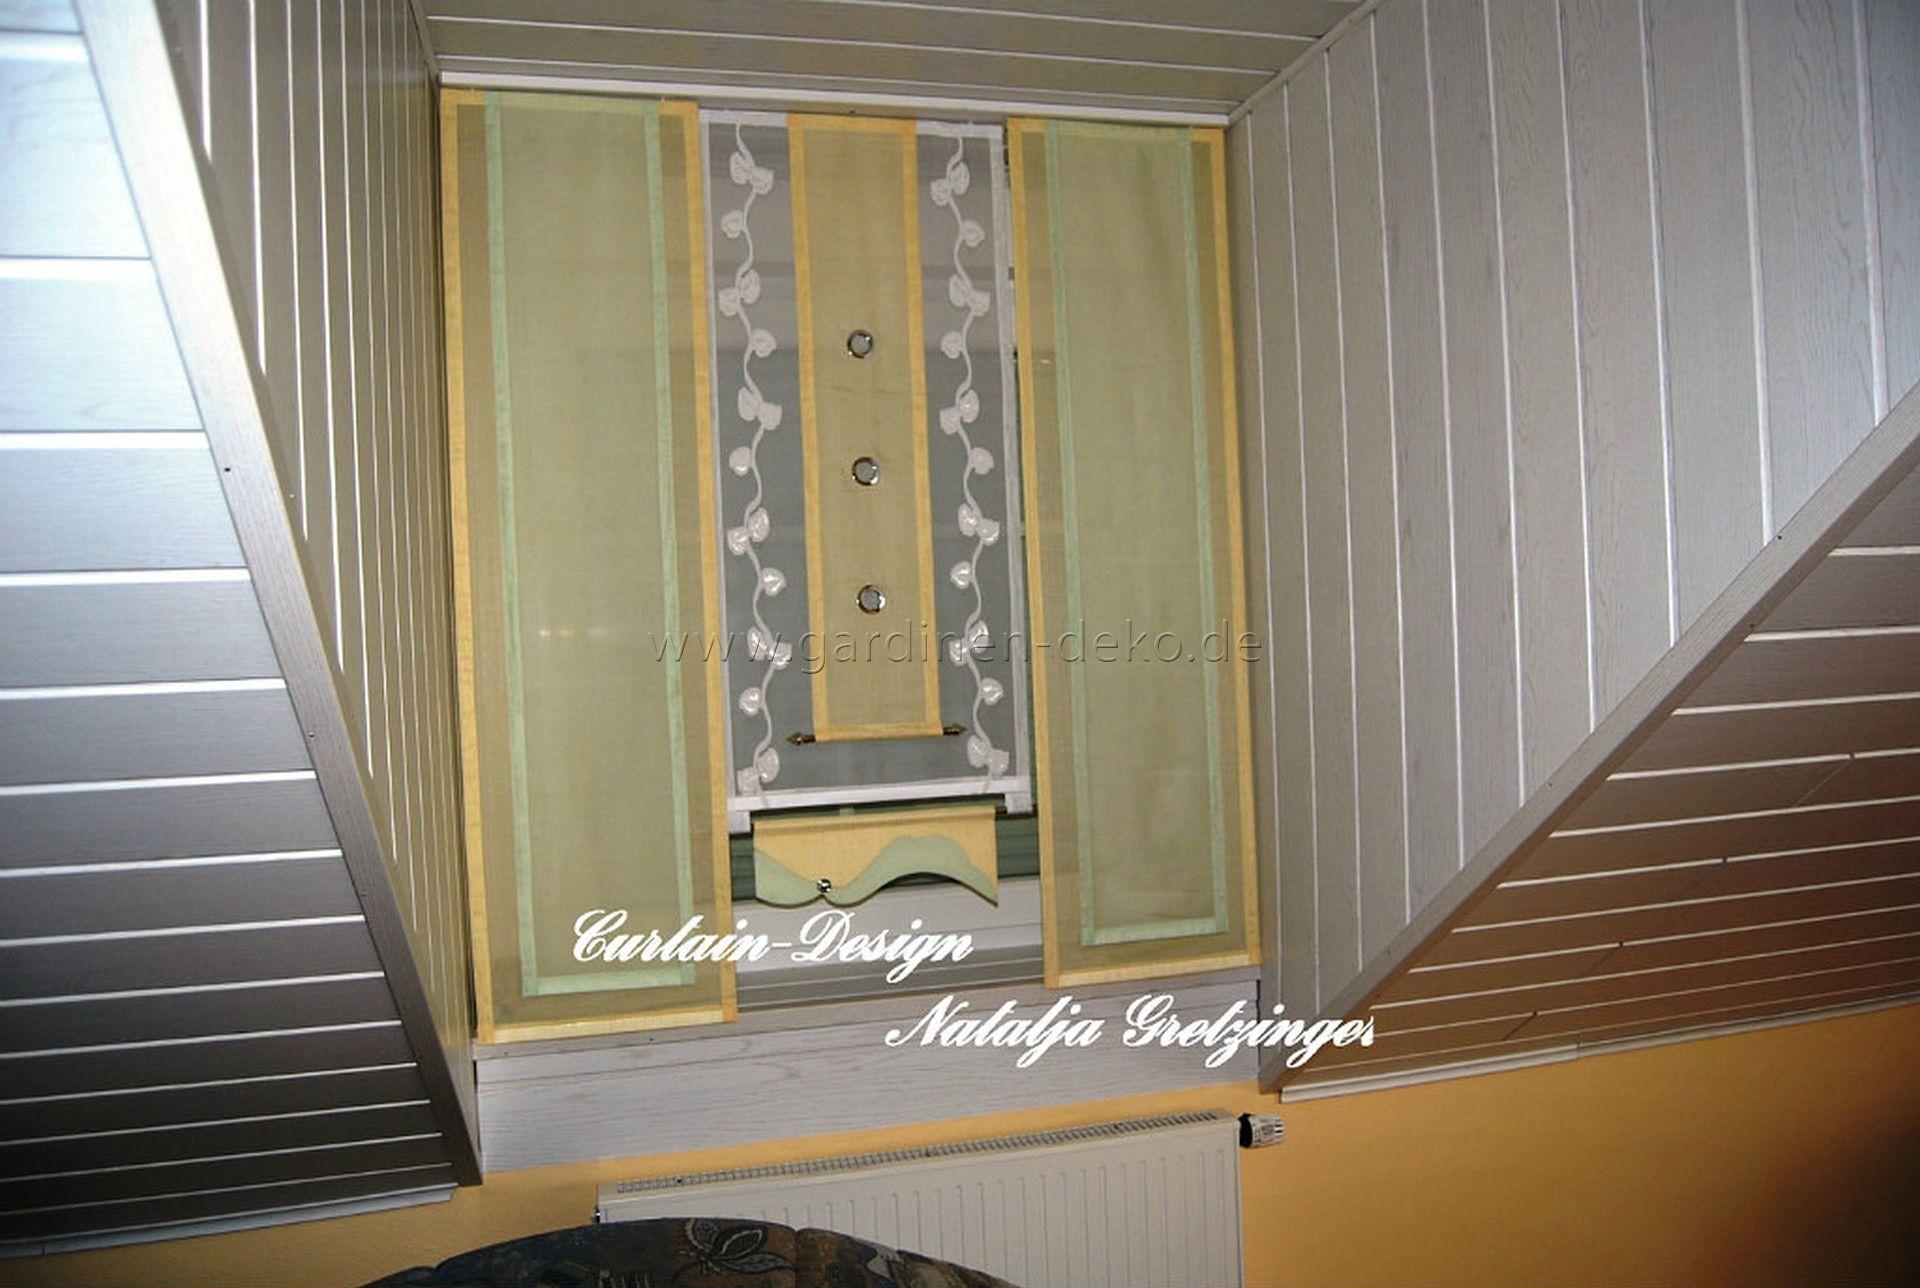 nice schlafzimmer gardinen deko #1: Grüne Stufen Gardine fürs Schlafzimmer - http://www.gardinen-deko.